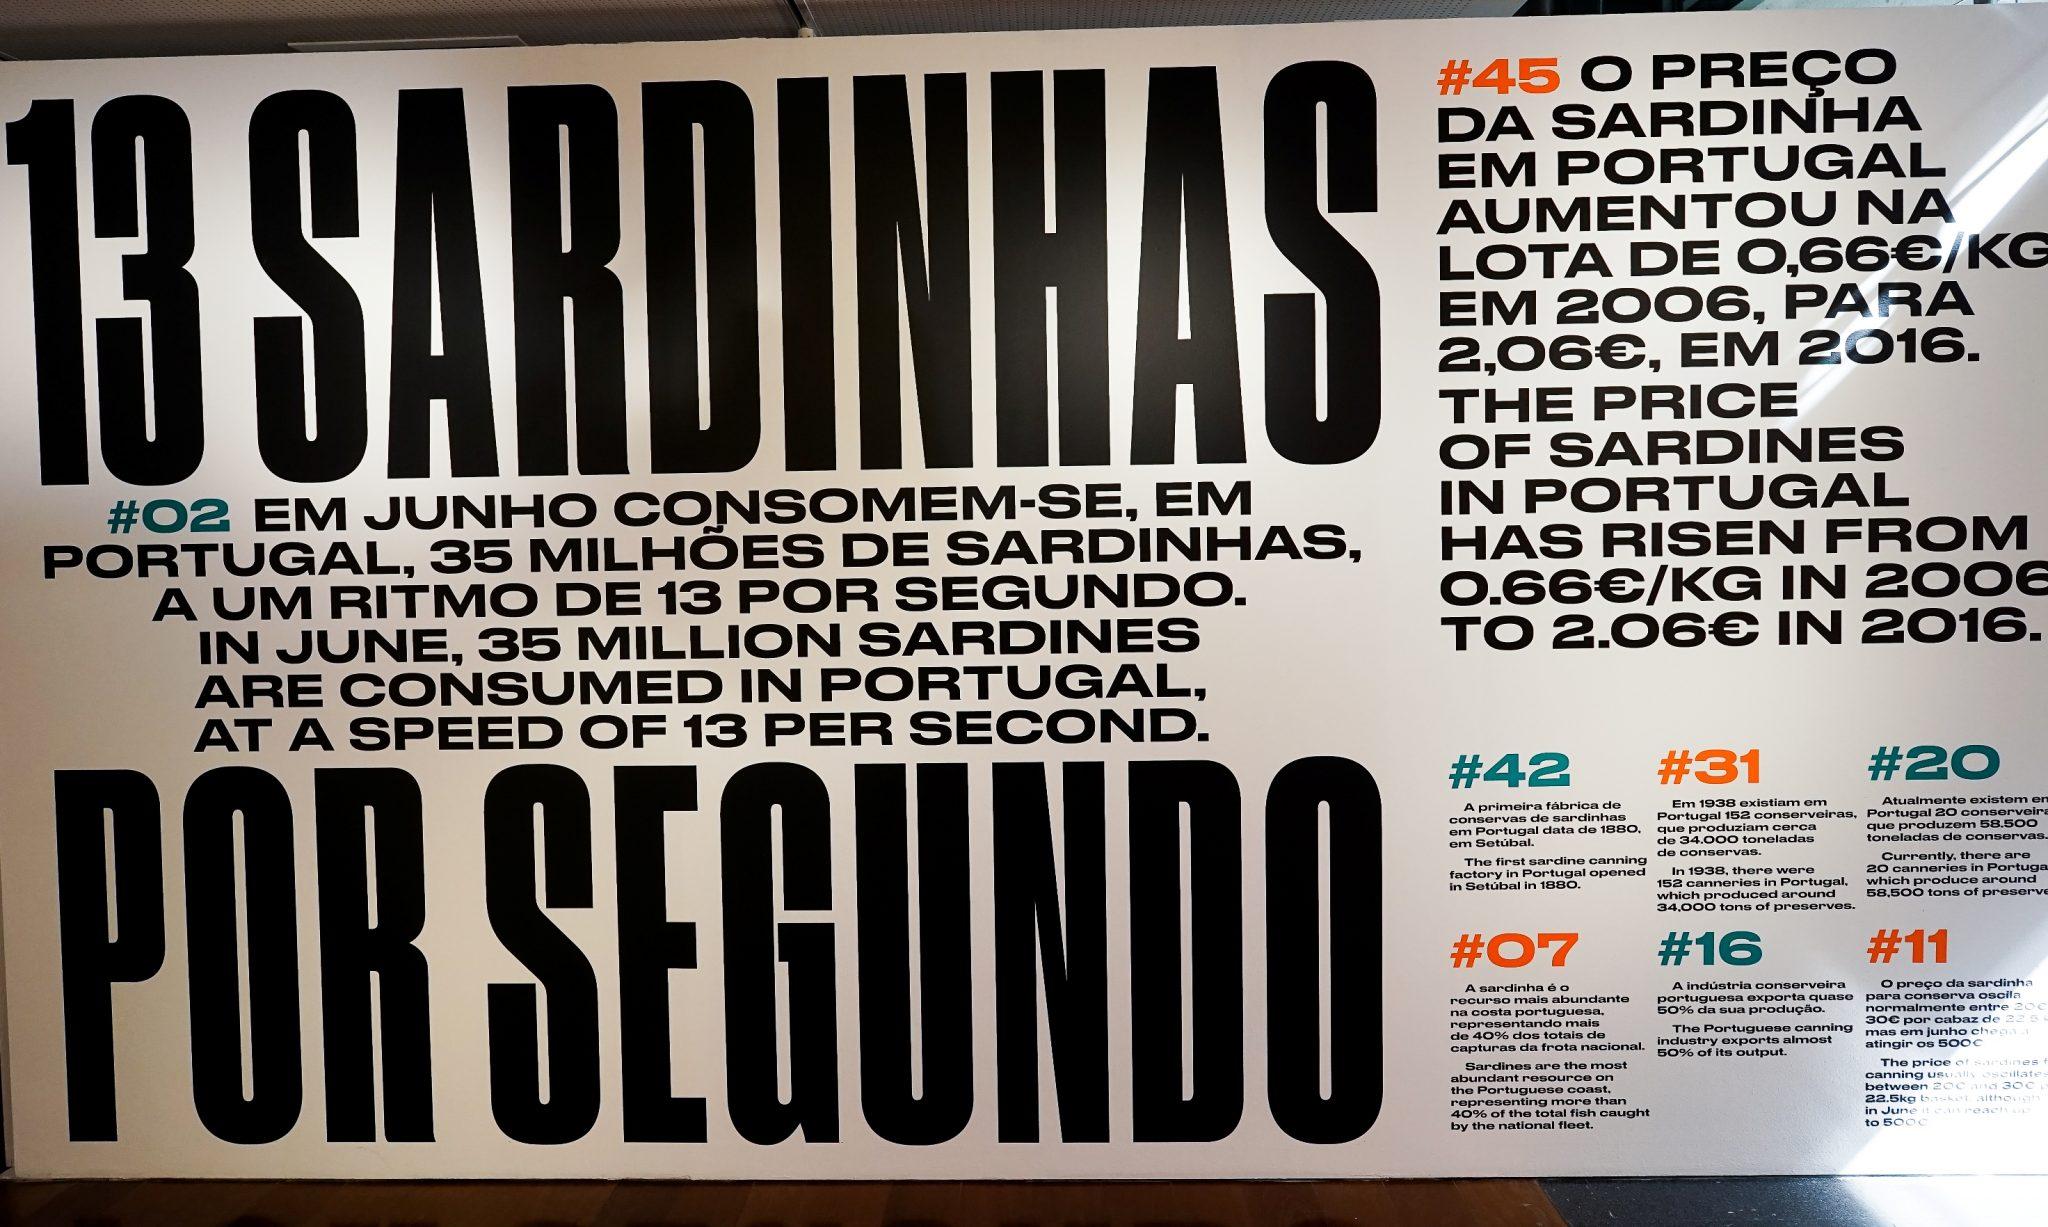 Painel informativo sobre sardinhas, onde se lê, por exemplo, que em Junho consomem-se 13 sardinhas por segundo em Portugal.